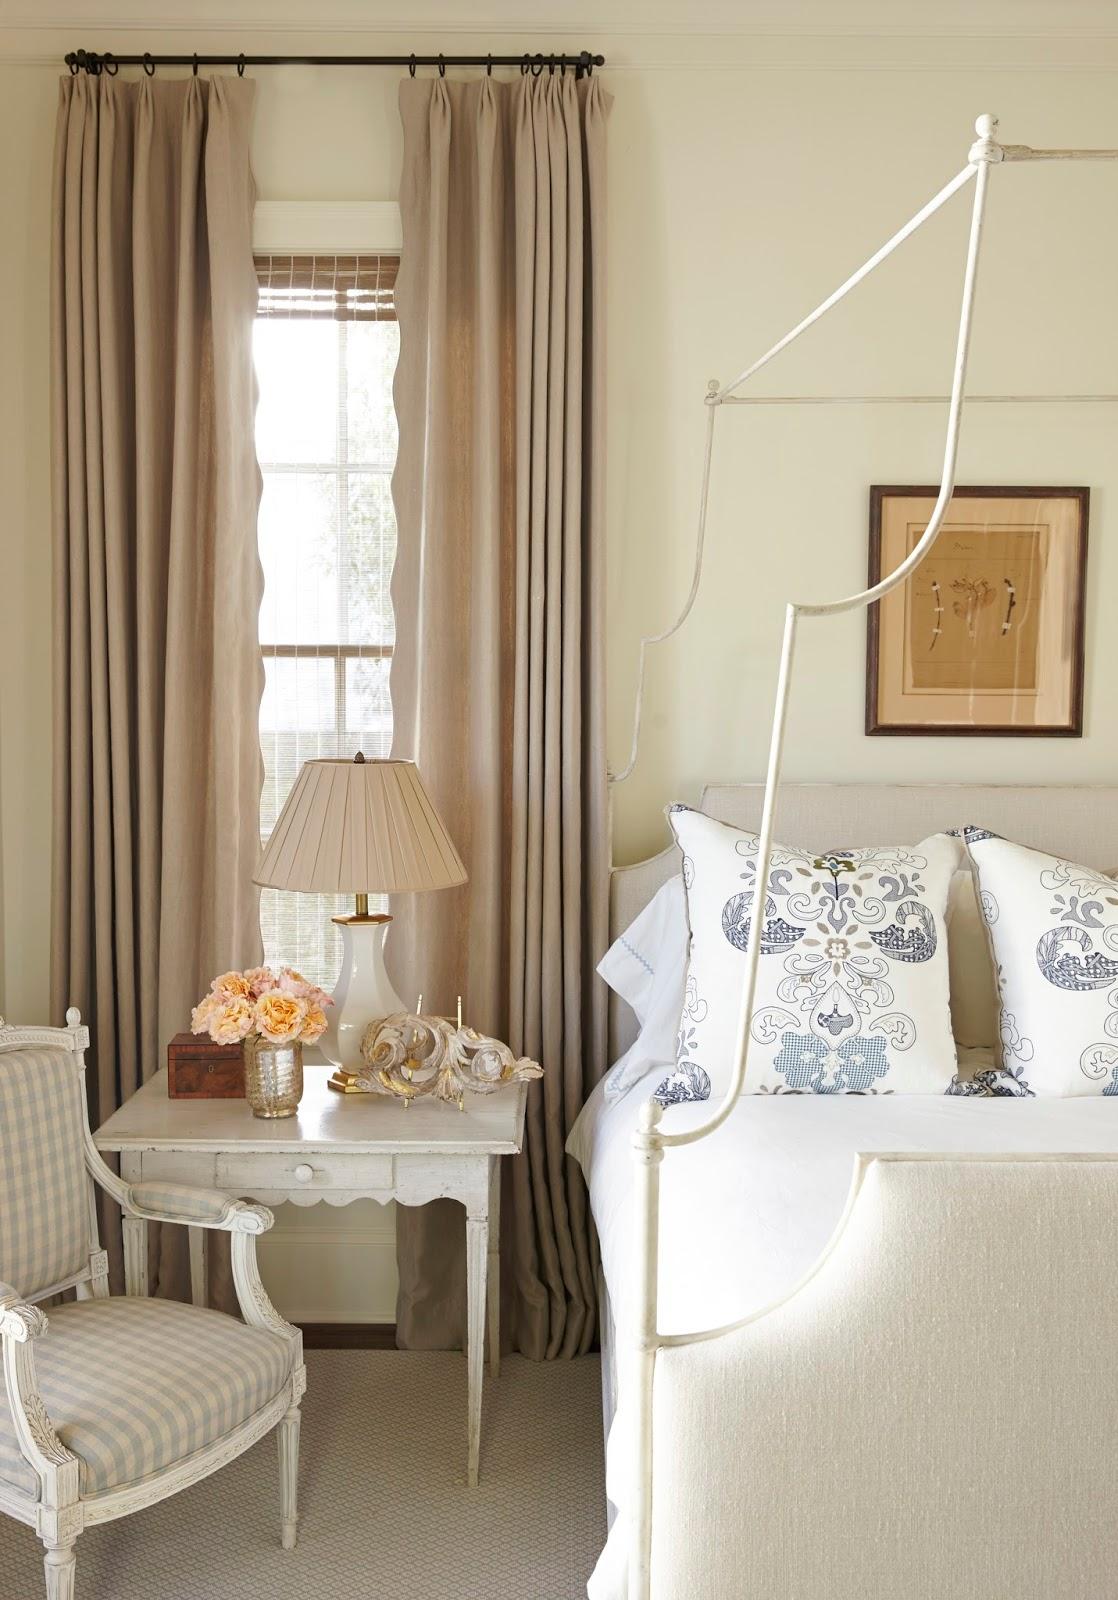 Muebles de dormitorio 12 dormitorios llenos de romanticismo - Dormitorio estilo romantico ...